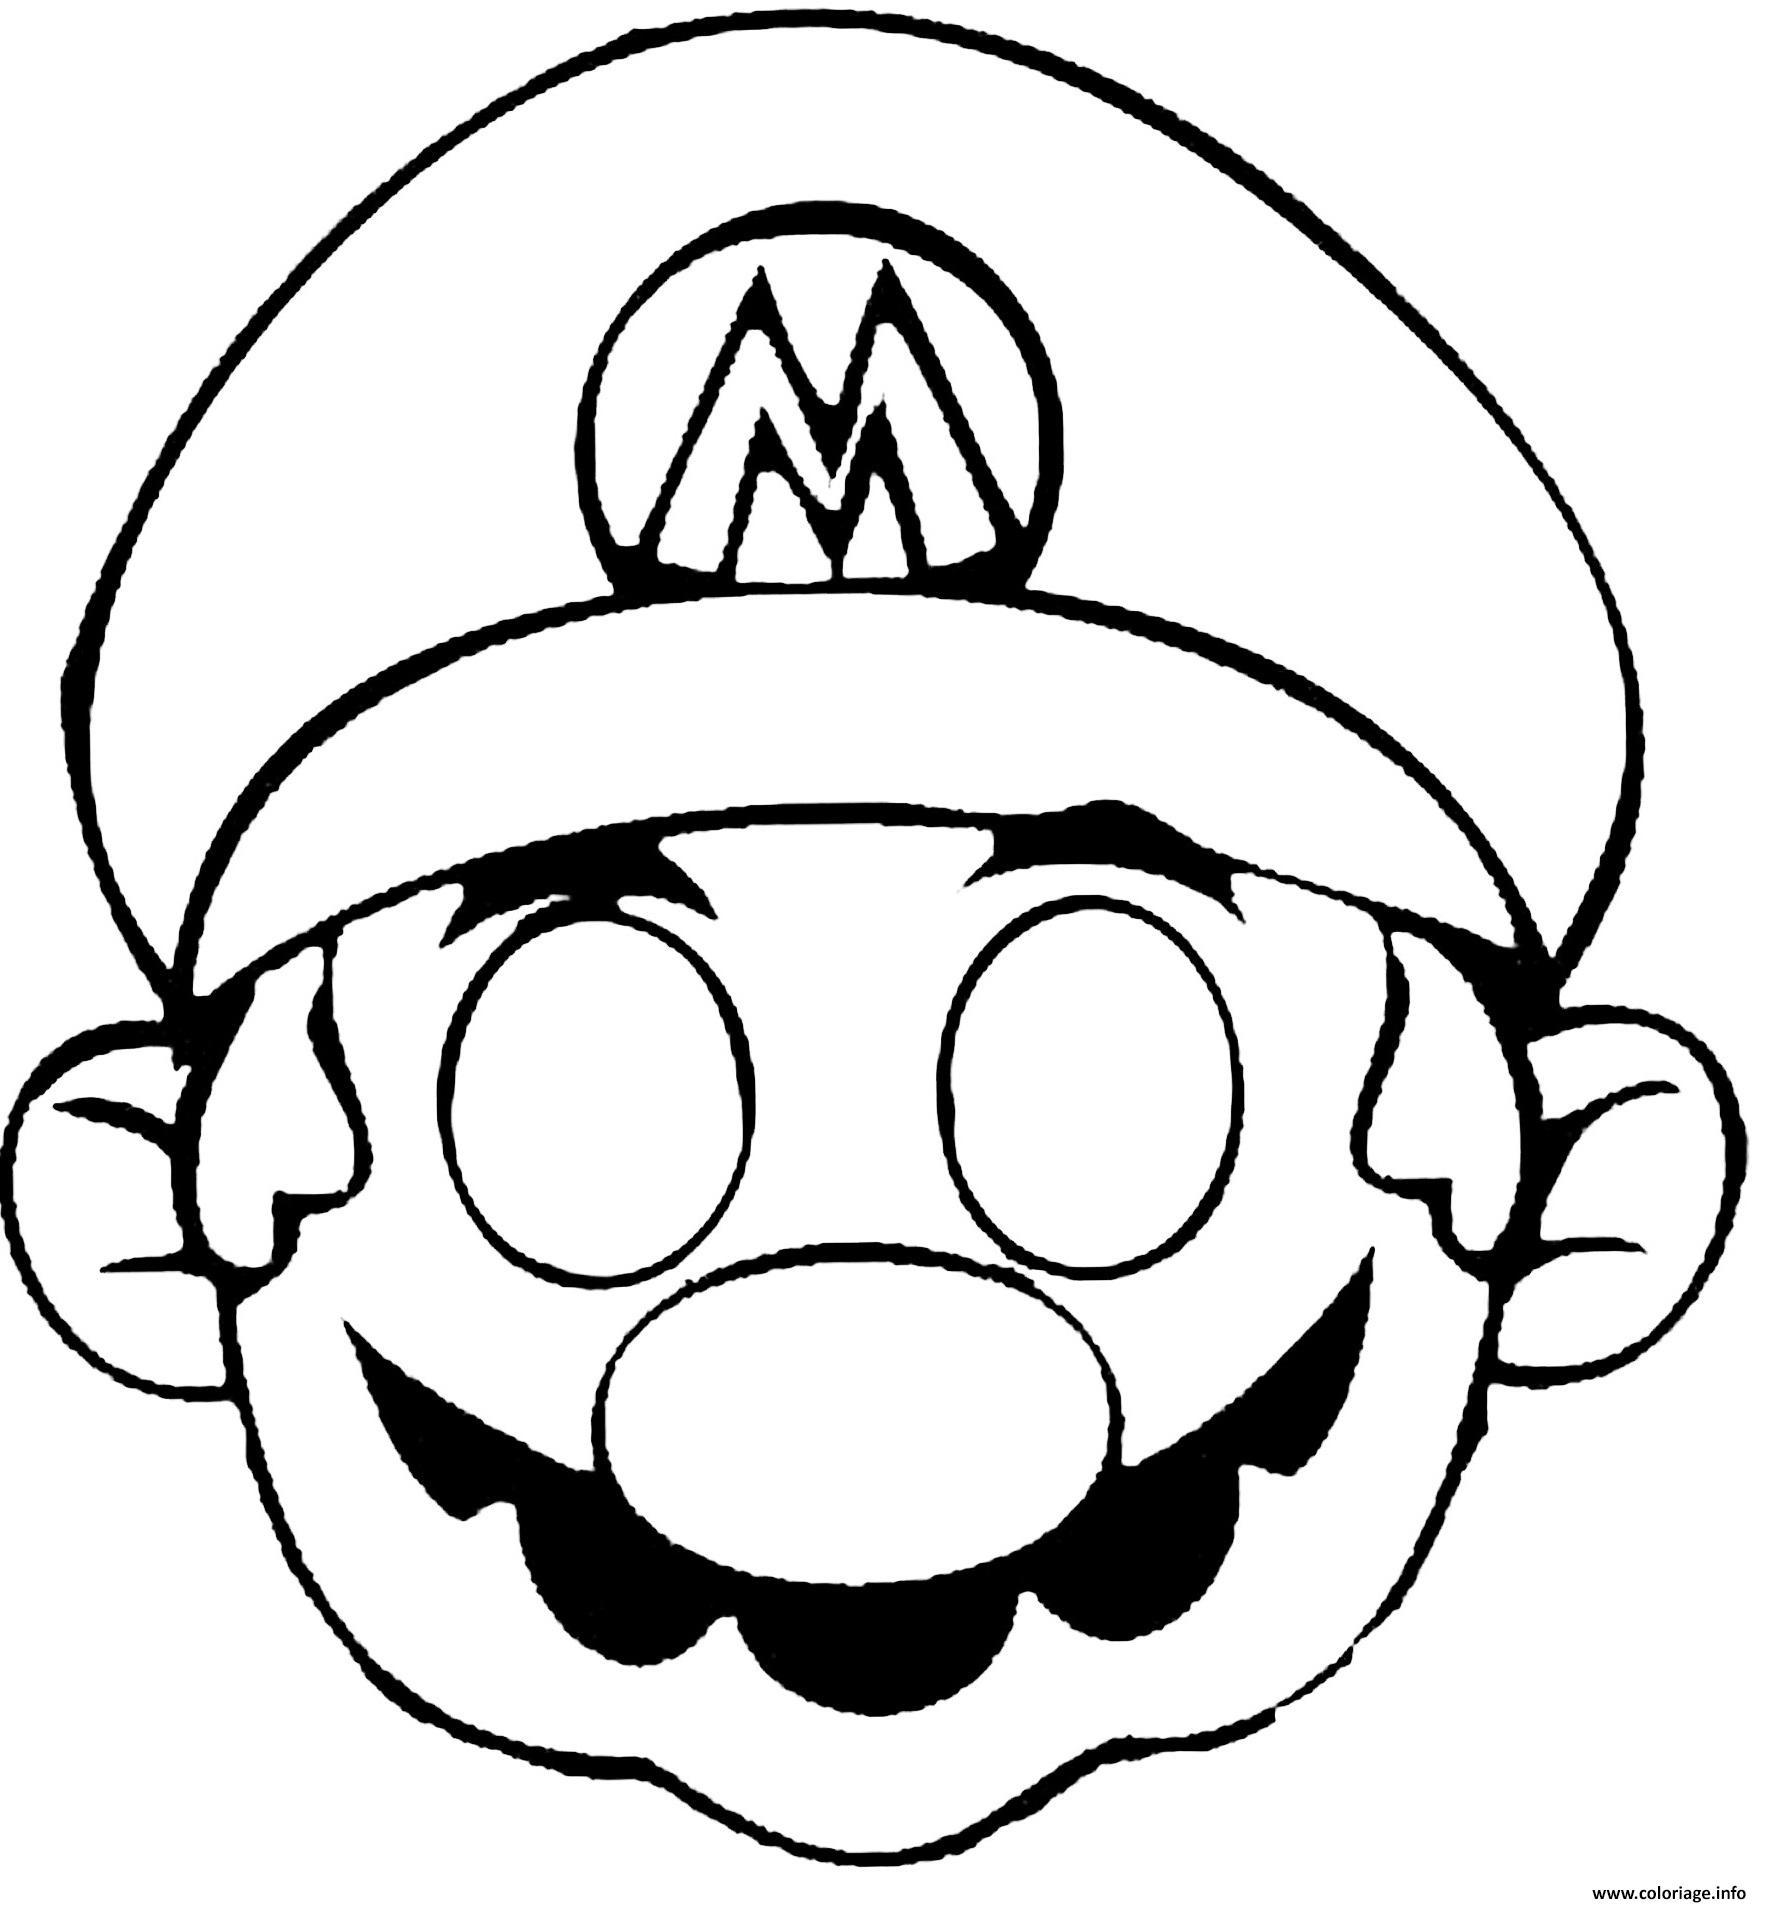 Coloriage Masque De Mario Dessin dedans Masque Enfant A Colorier